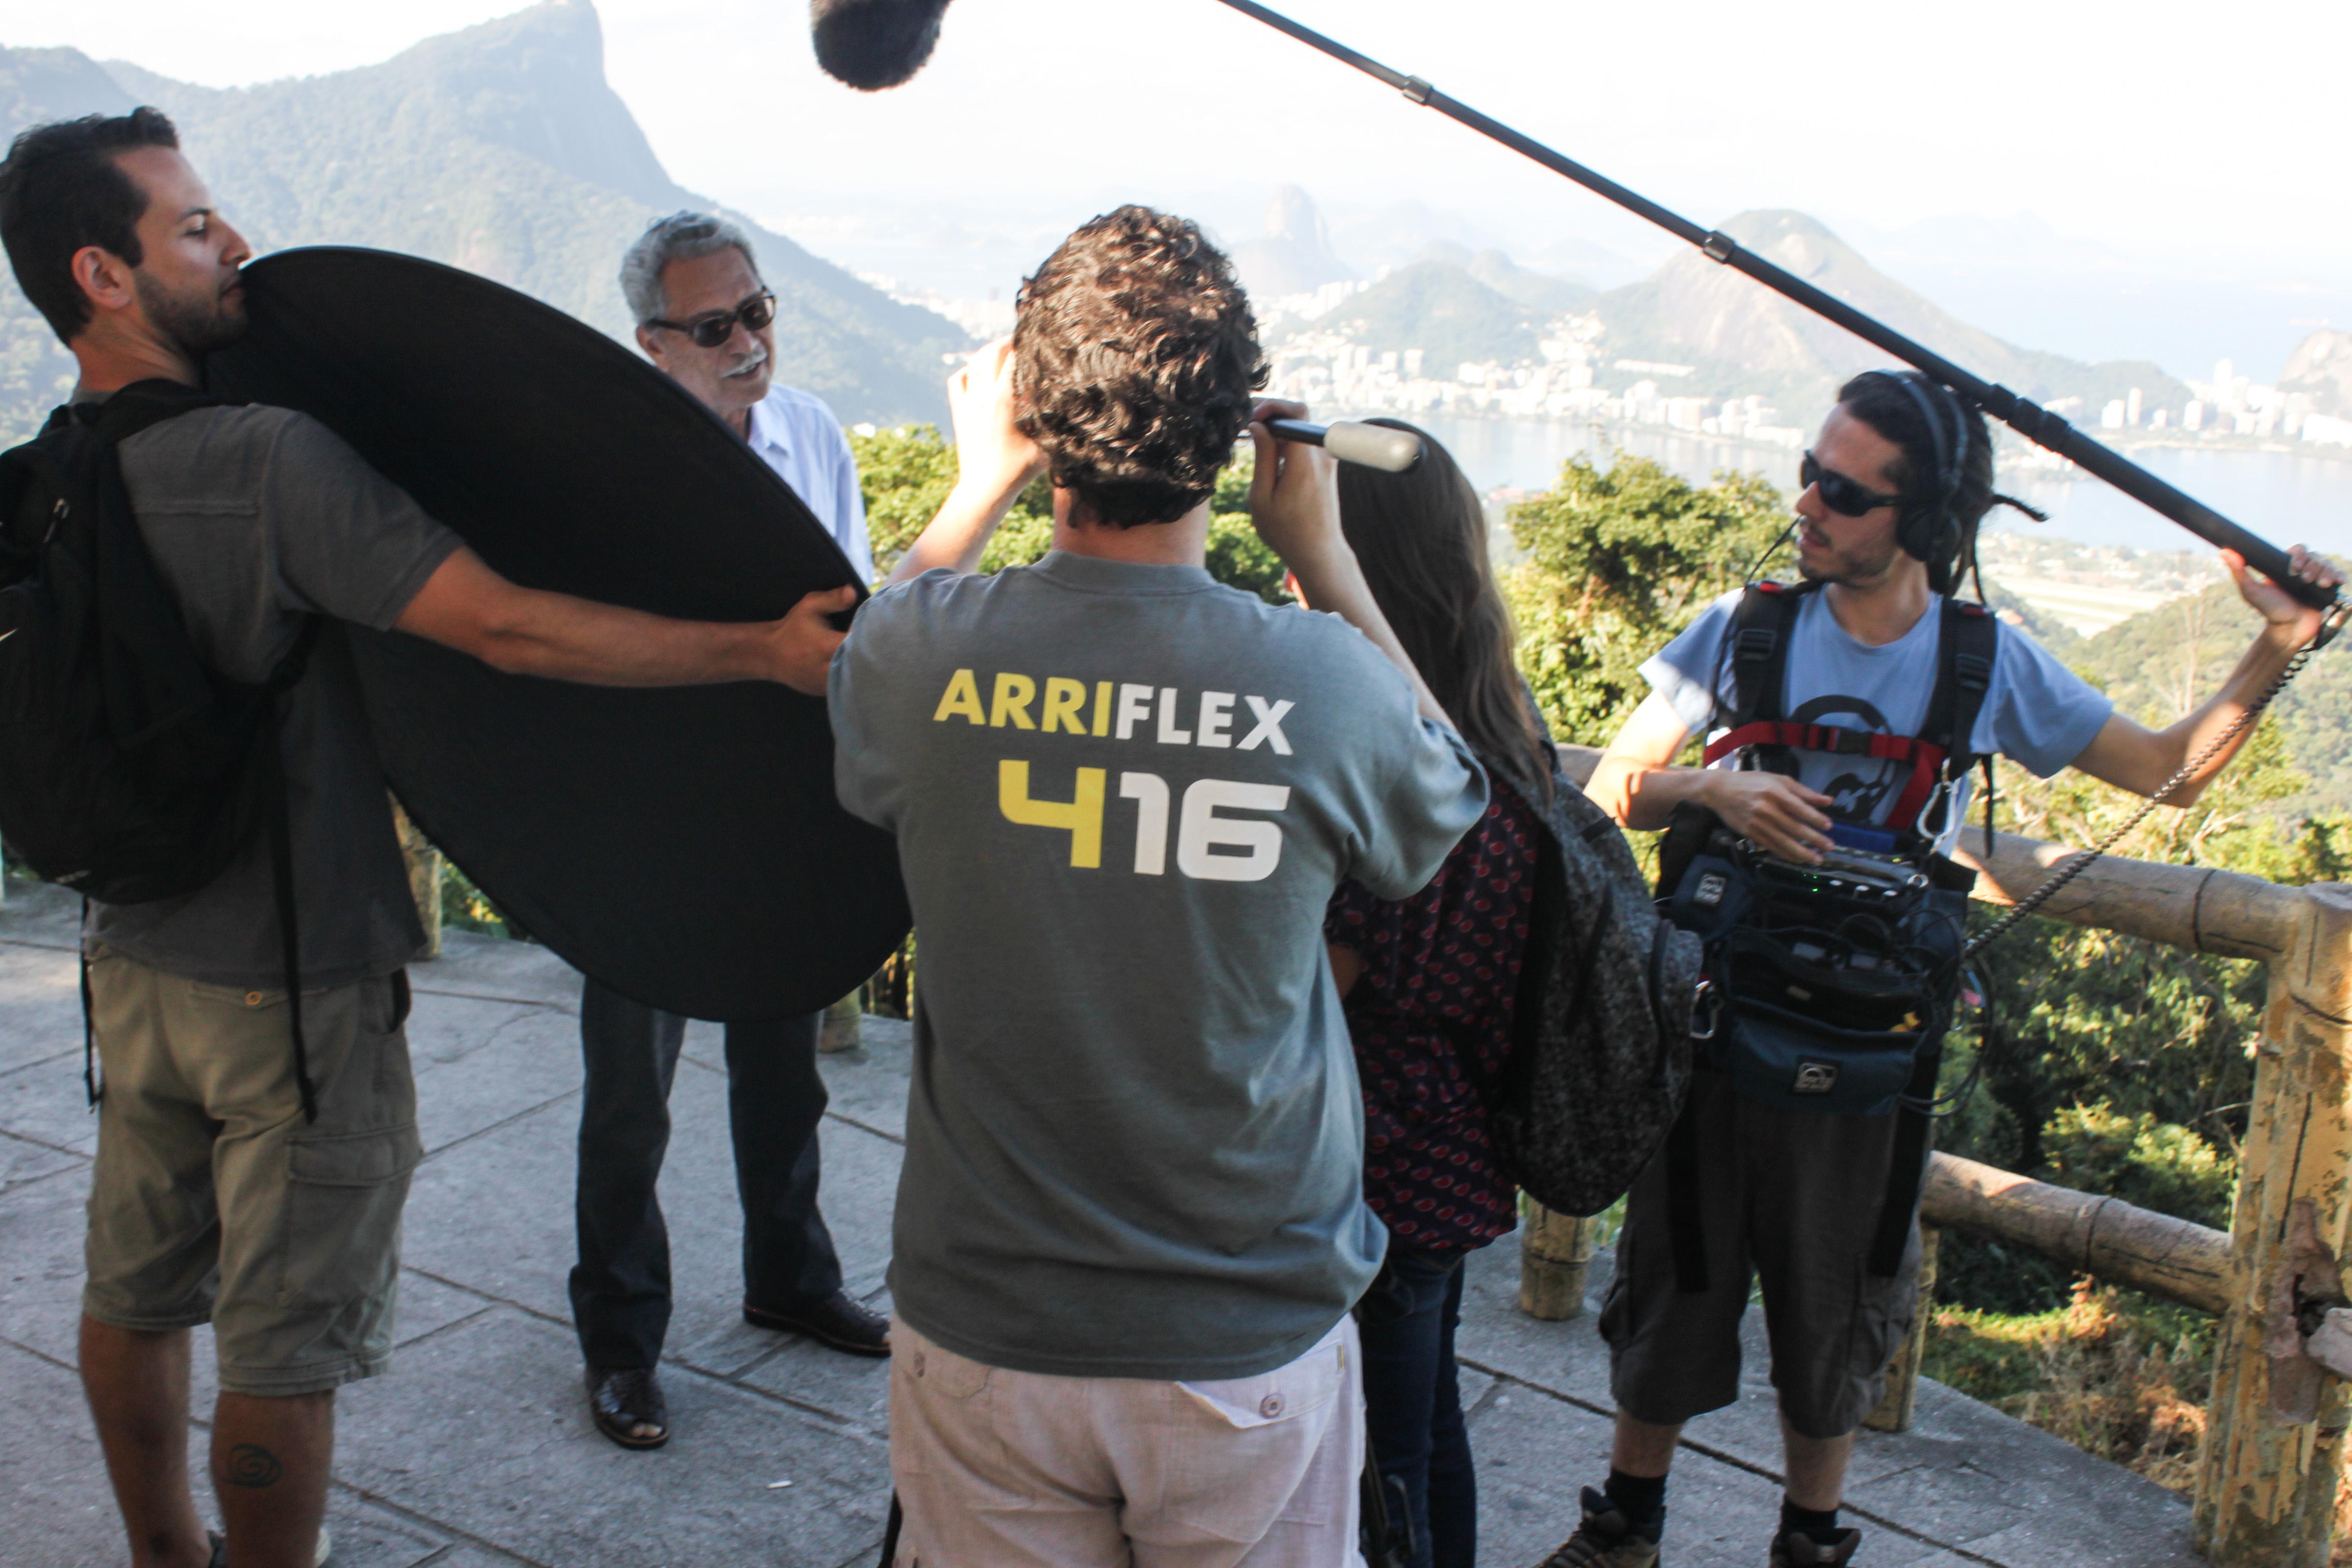 Entrevista no Rio de Janeiro